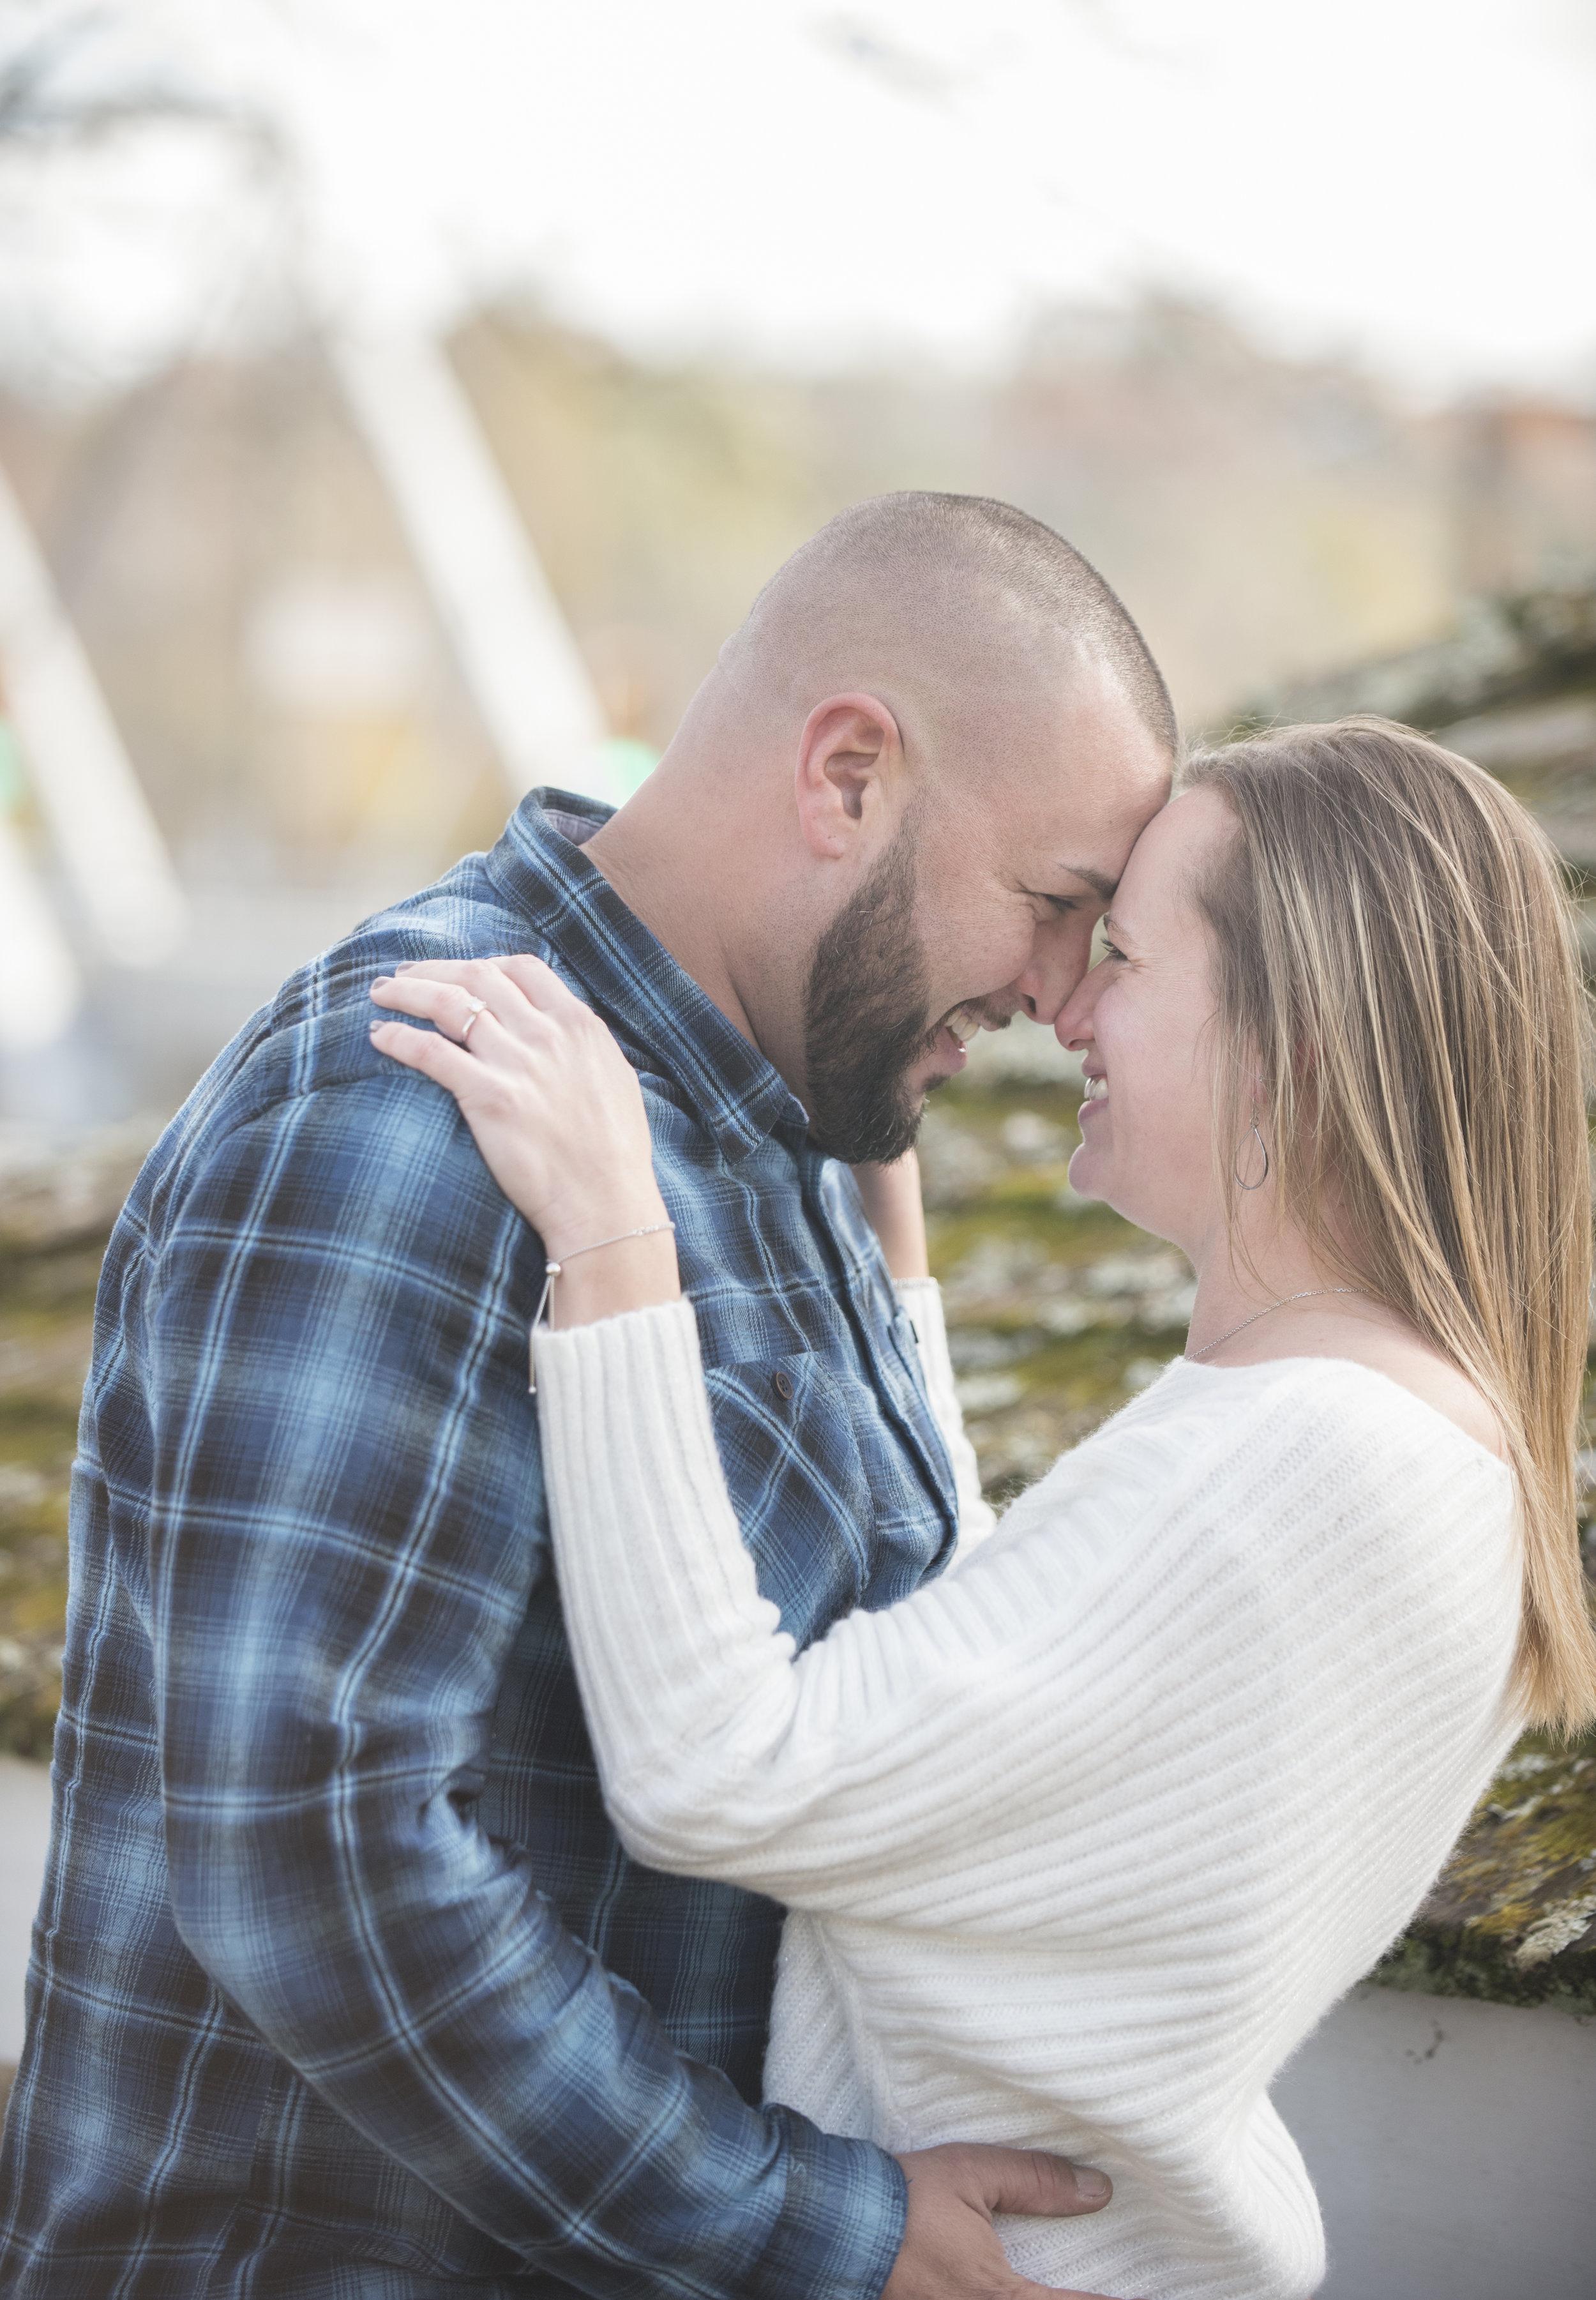 NJ based wedding Photographer